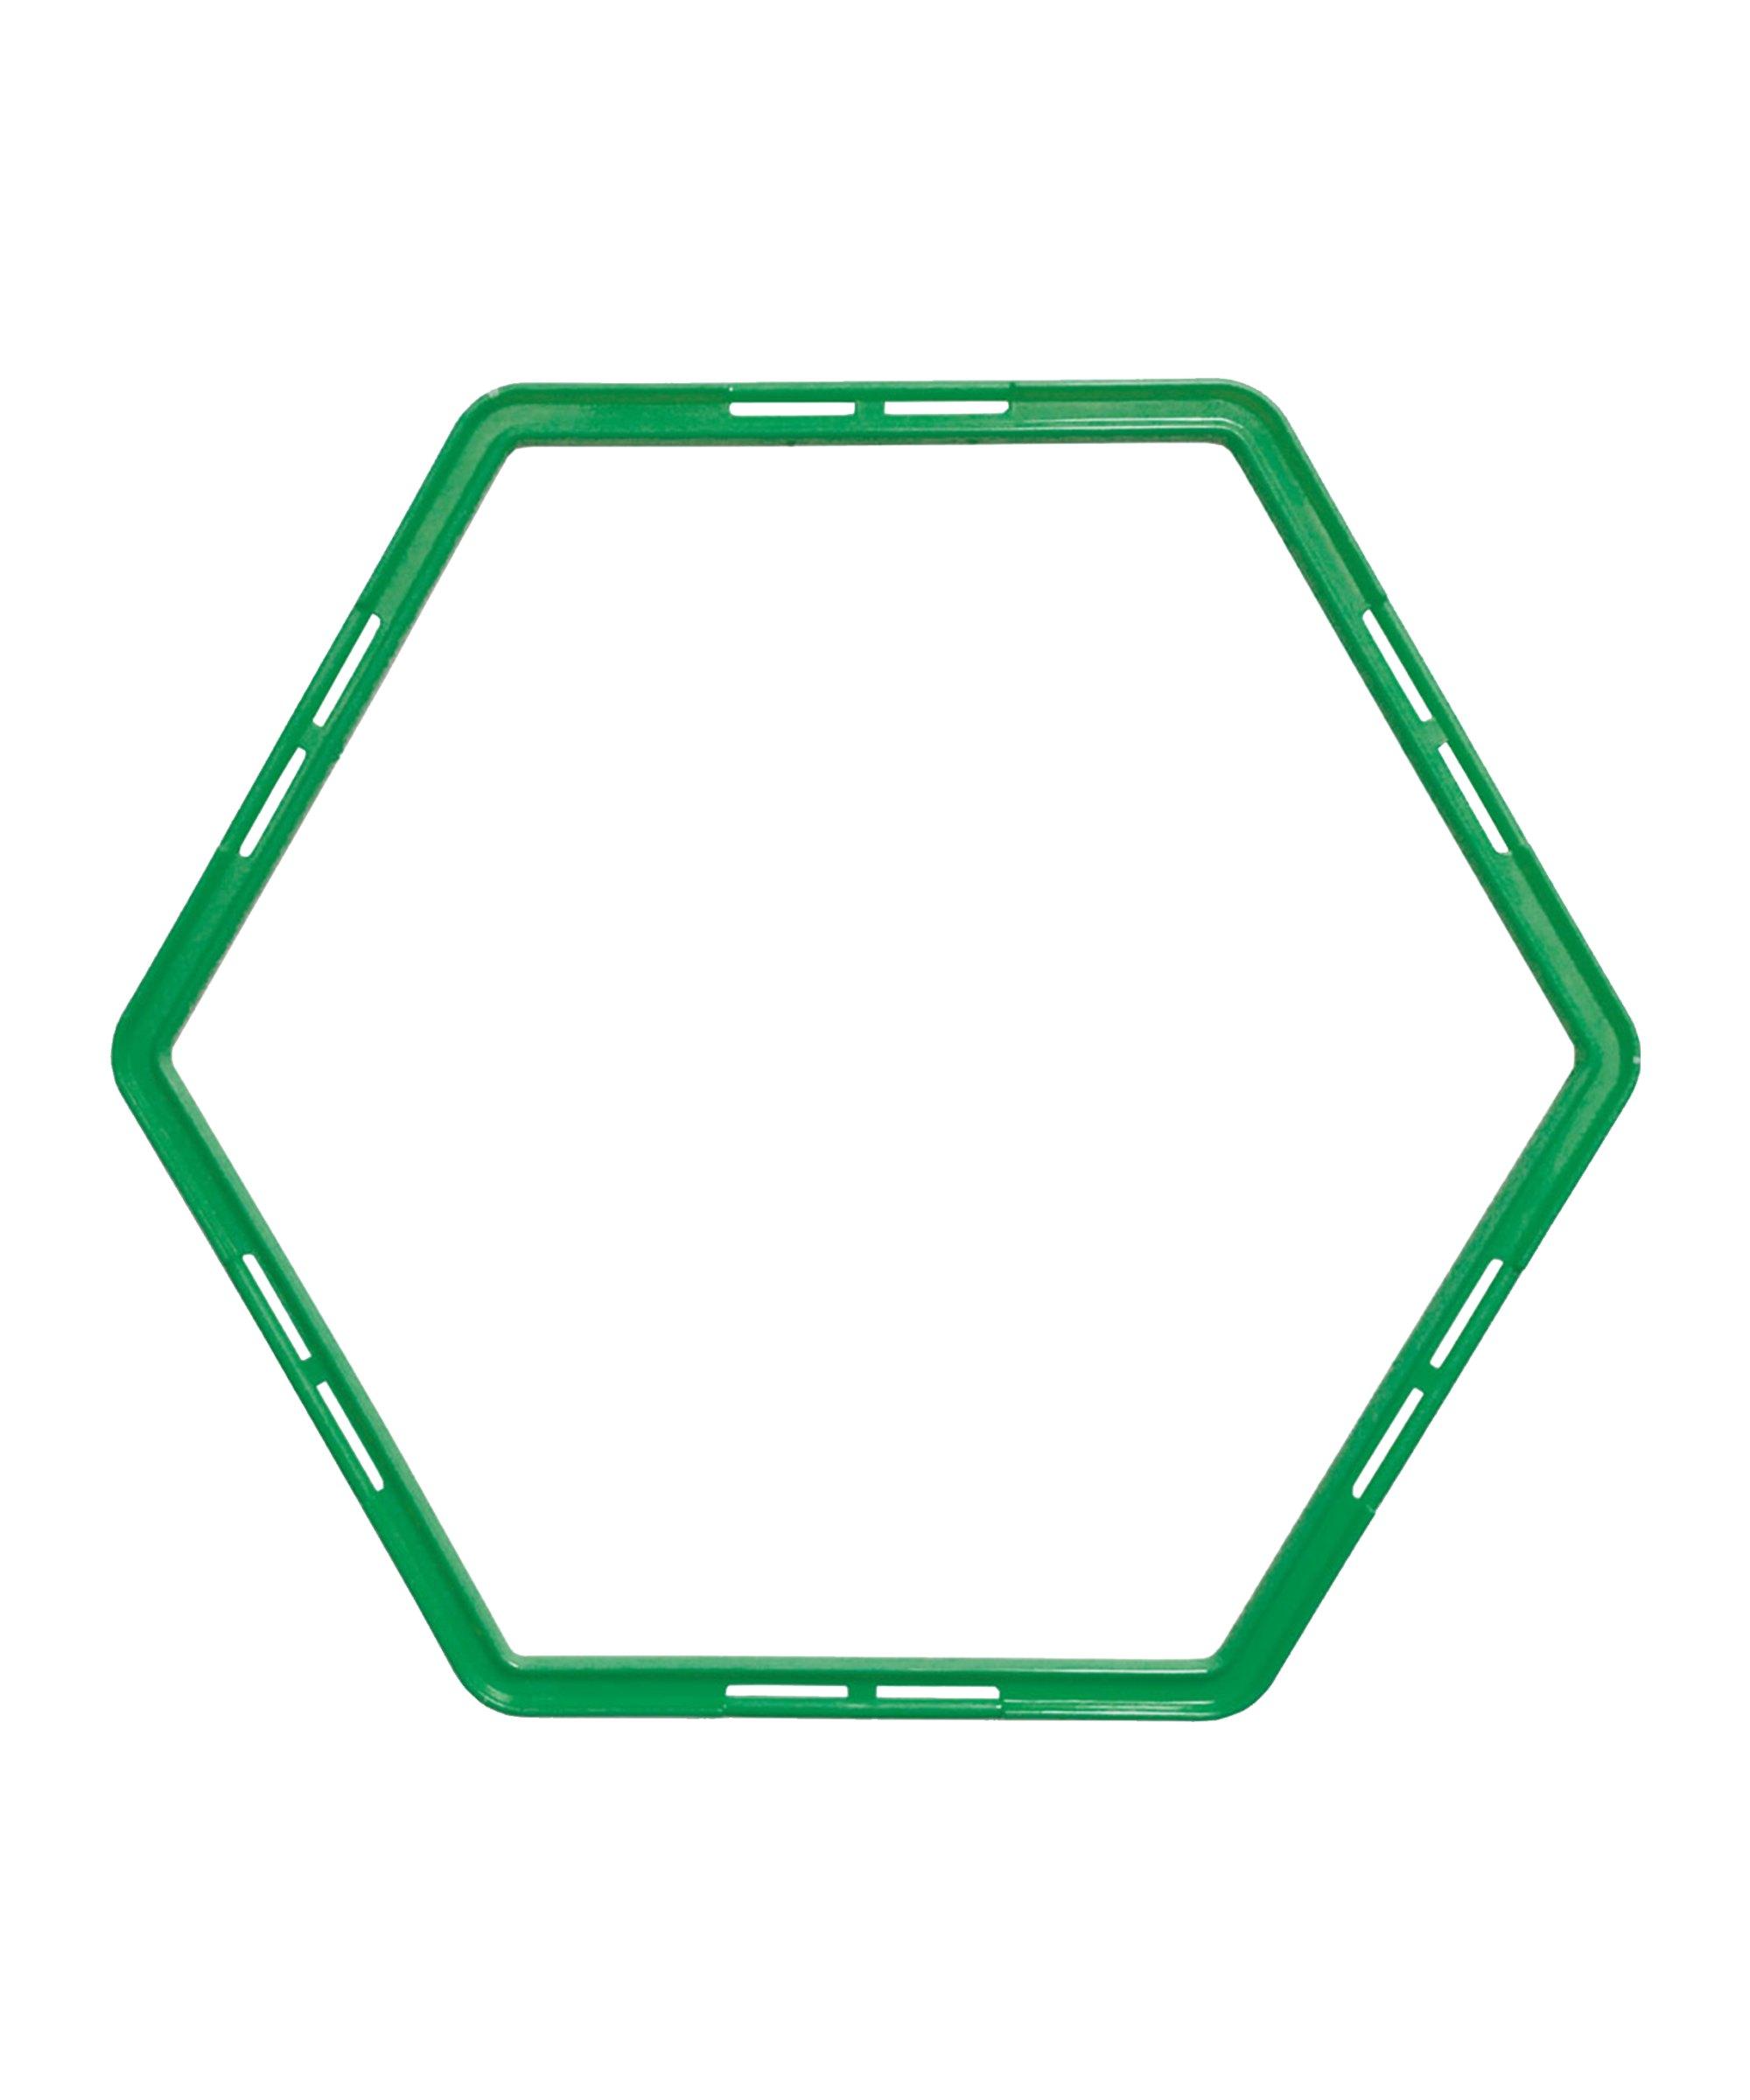 Cawila PRO TRAINING Hexa-Hoops Set d49mm Grün - gruen